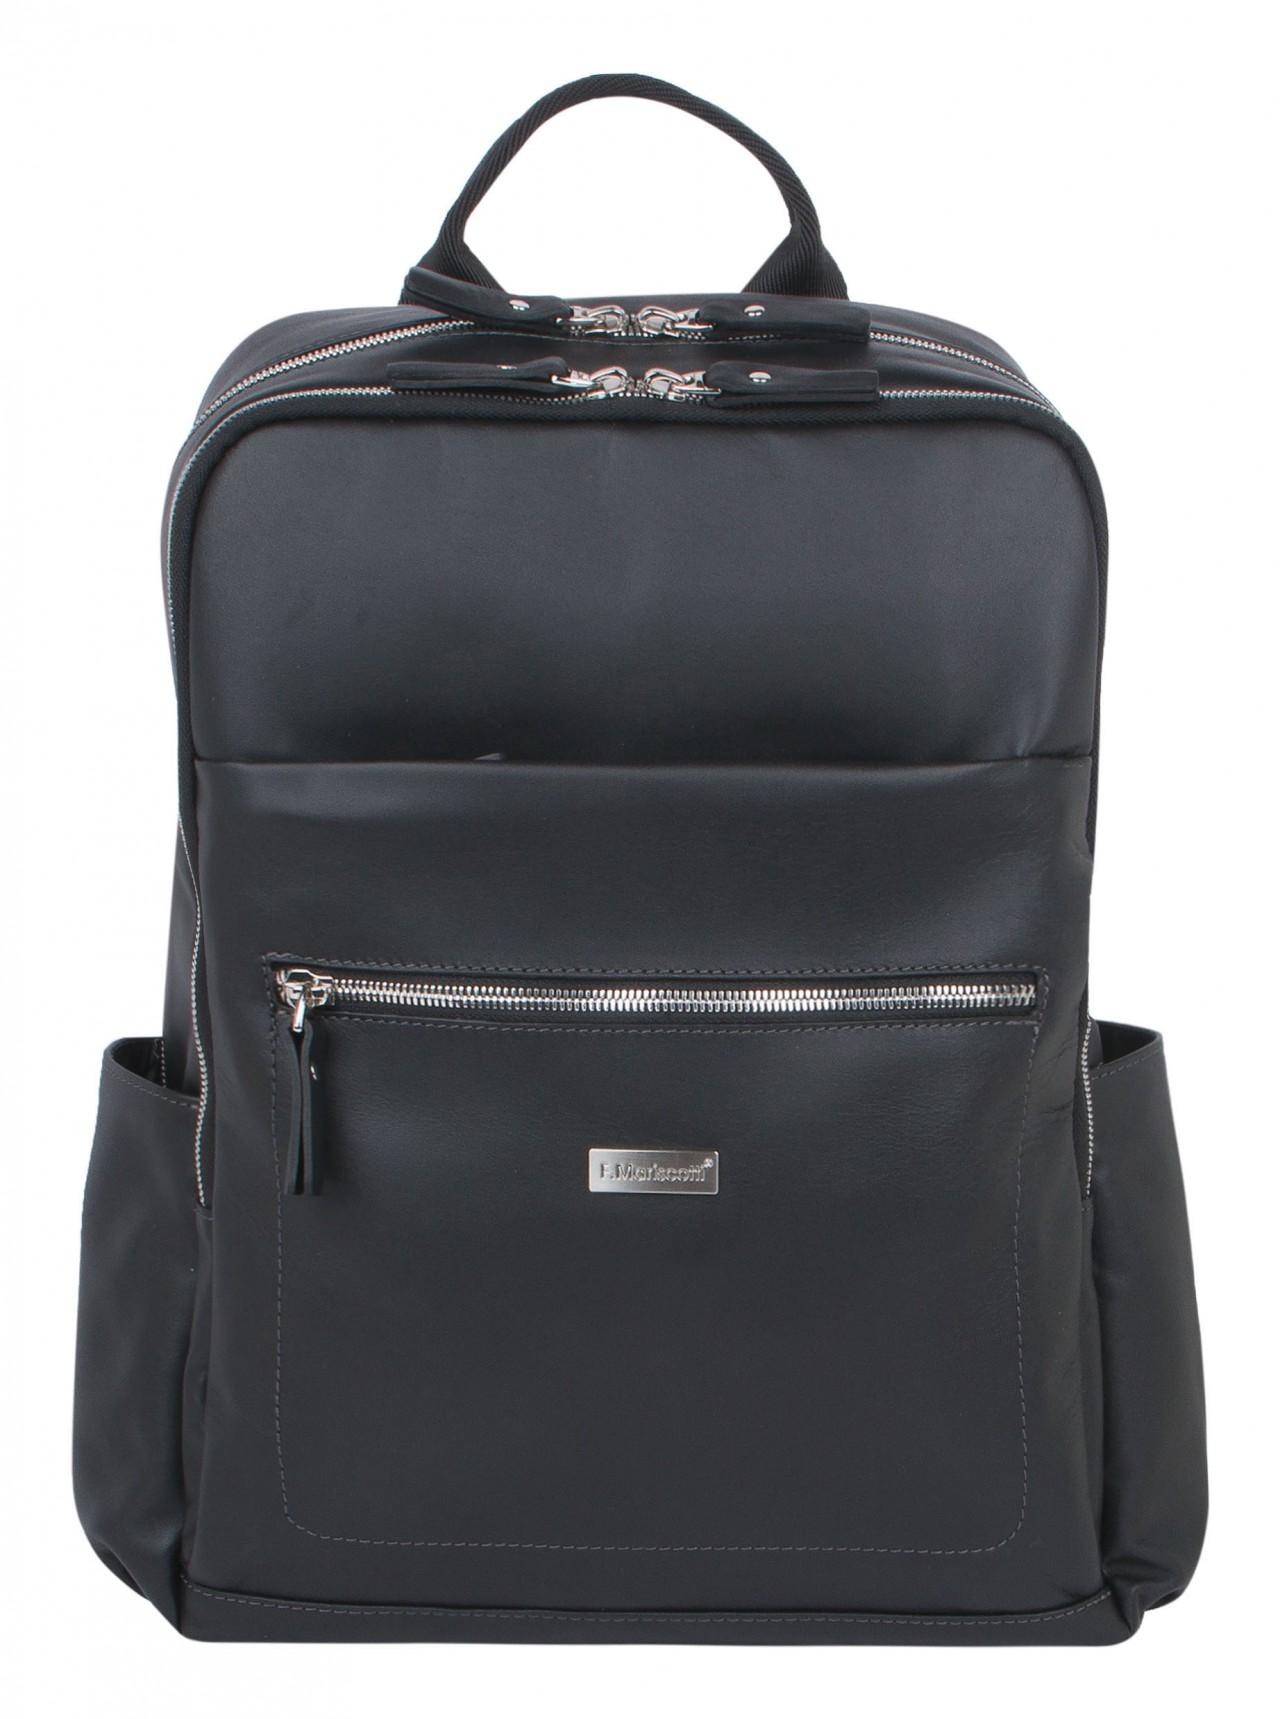 Рюкзак Franchesco Mariscotti рюкзак натуральная кожа мужской